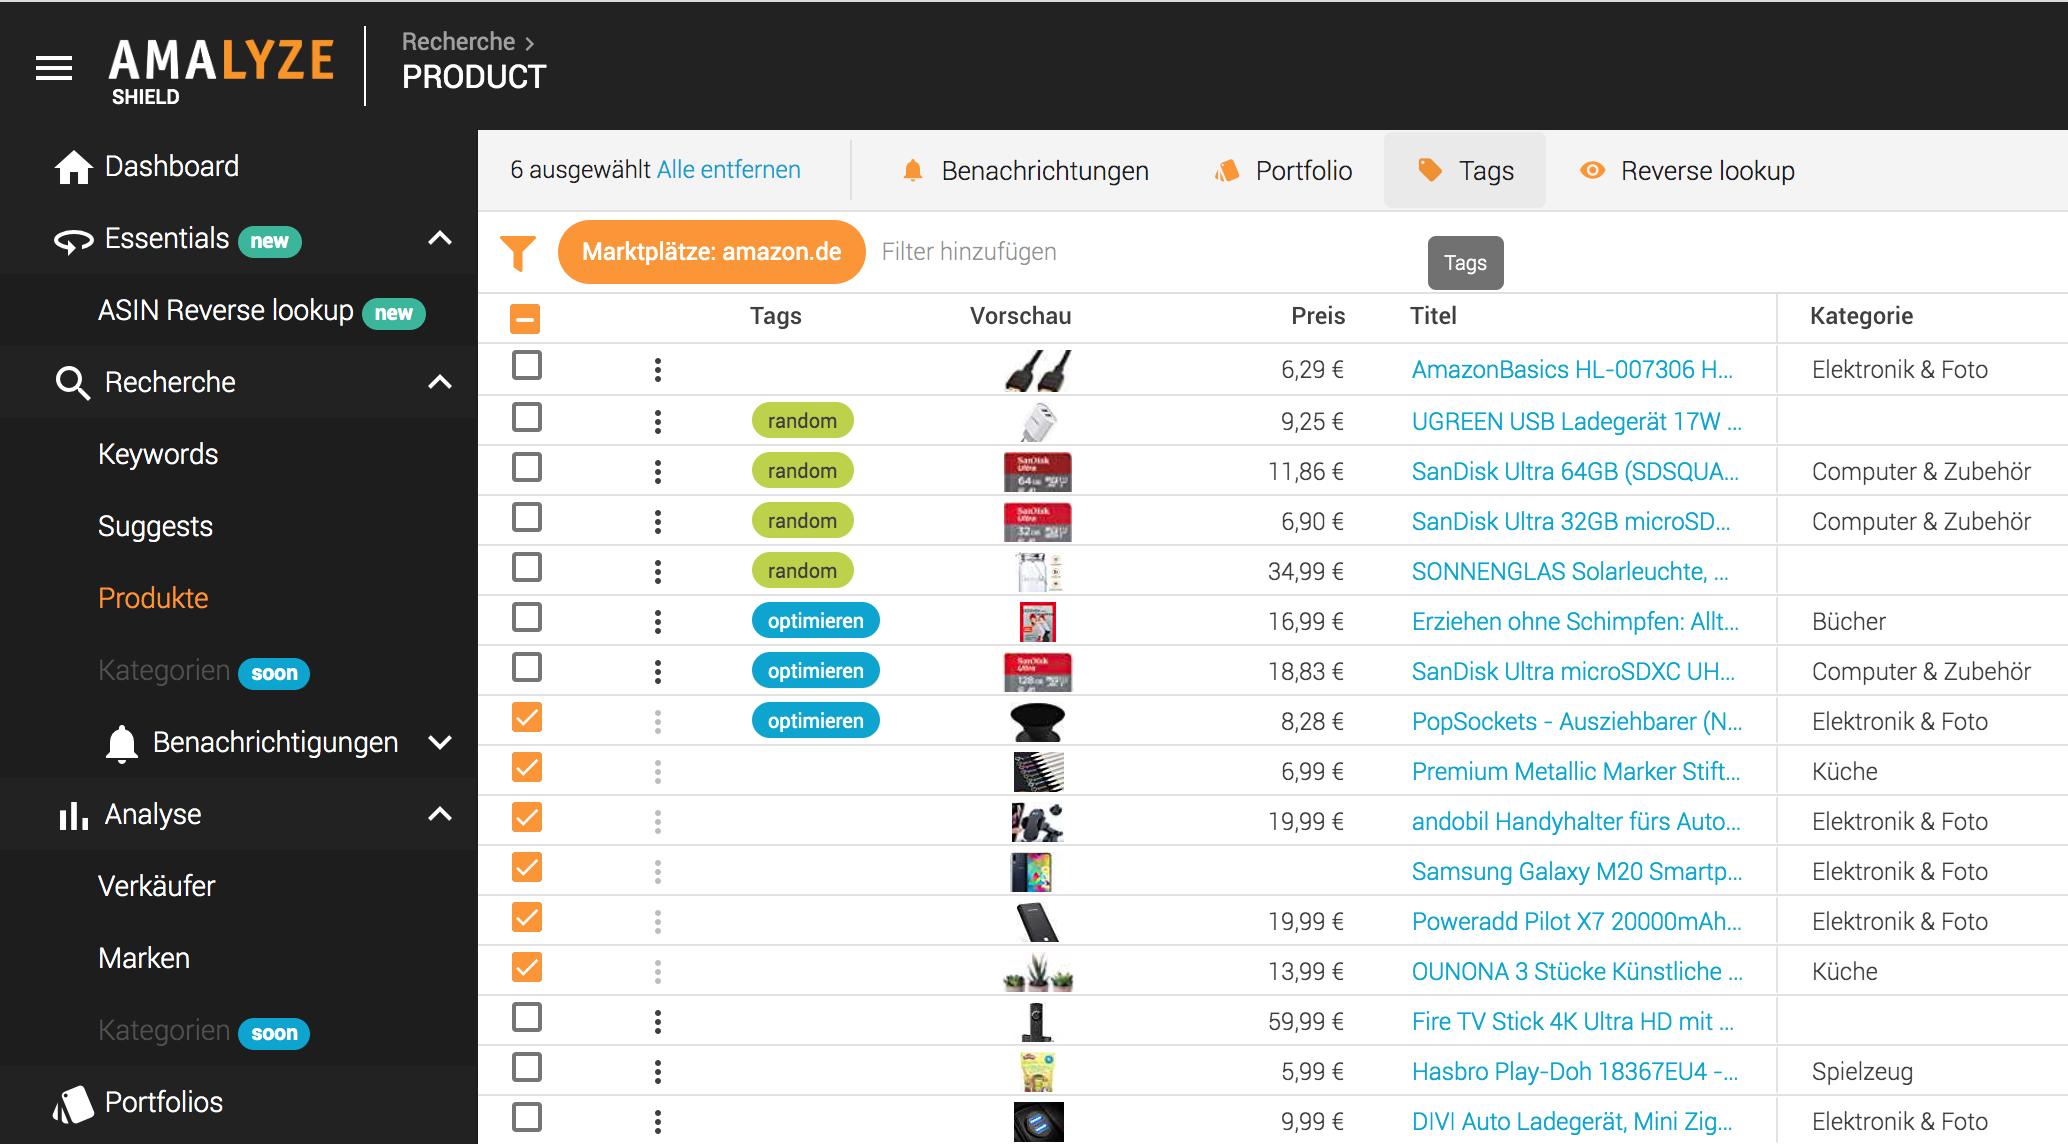 Rcherche_Produkte_Tabellen Aktionen_Tags auf mehrere Produkte setzen